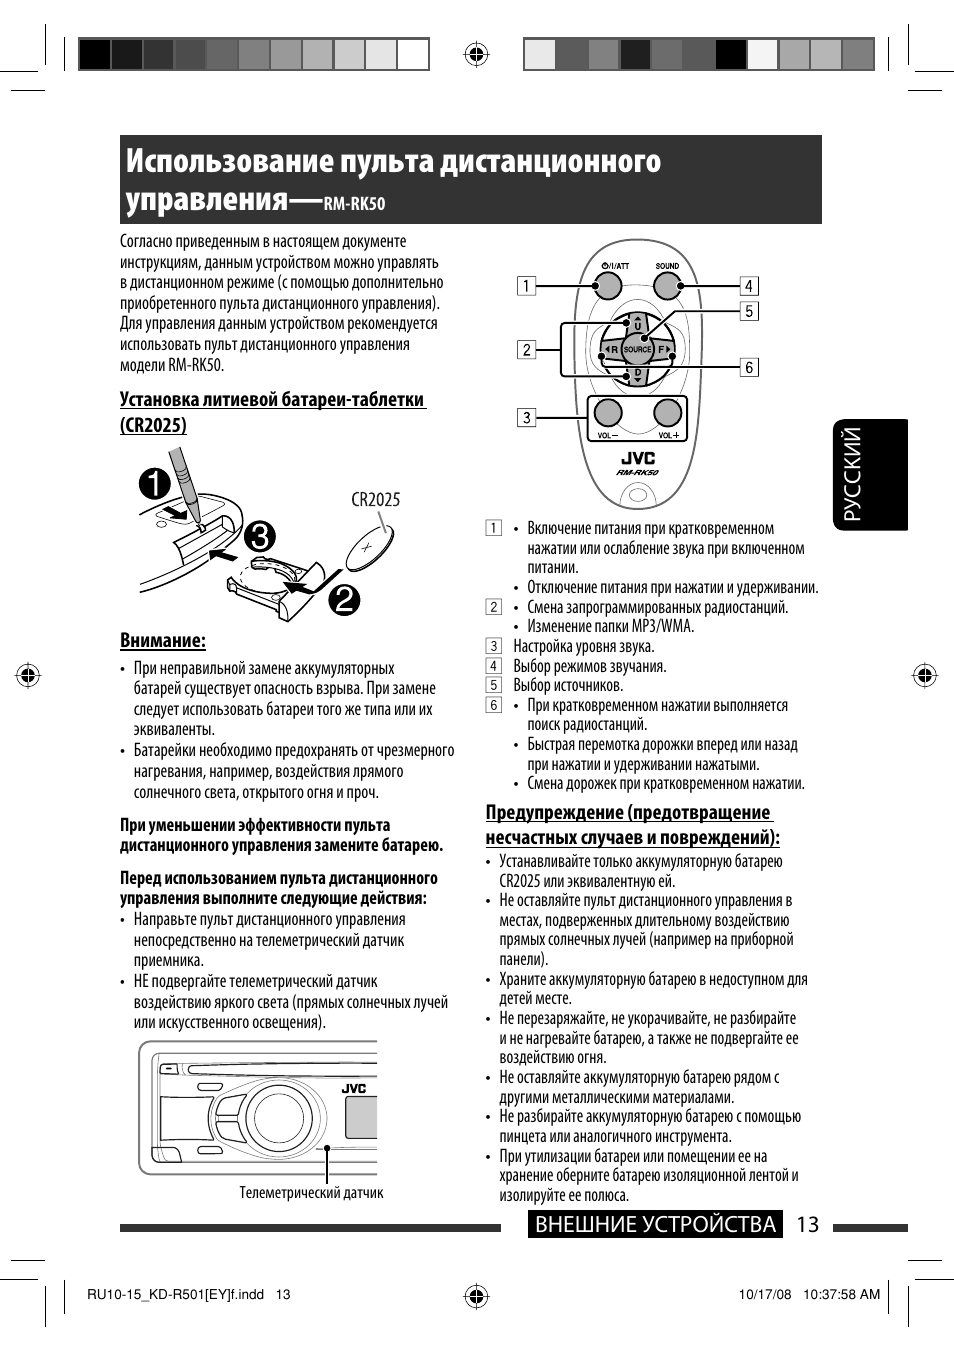 Использование пульта дистанционного управления, Руcckий 13